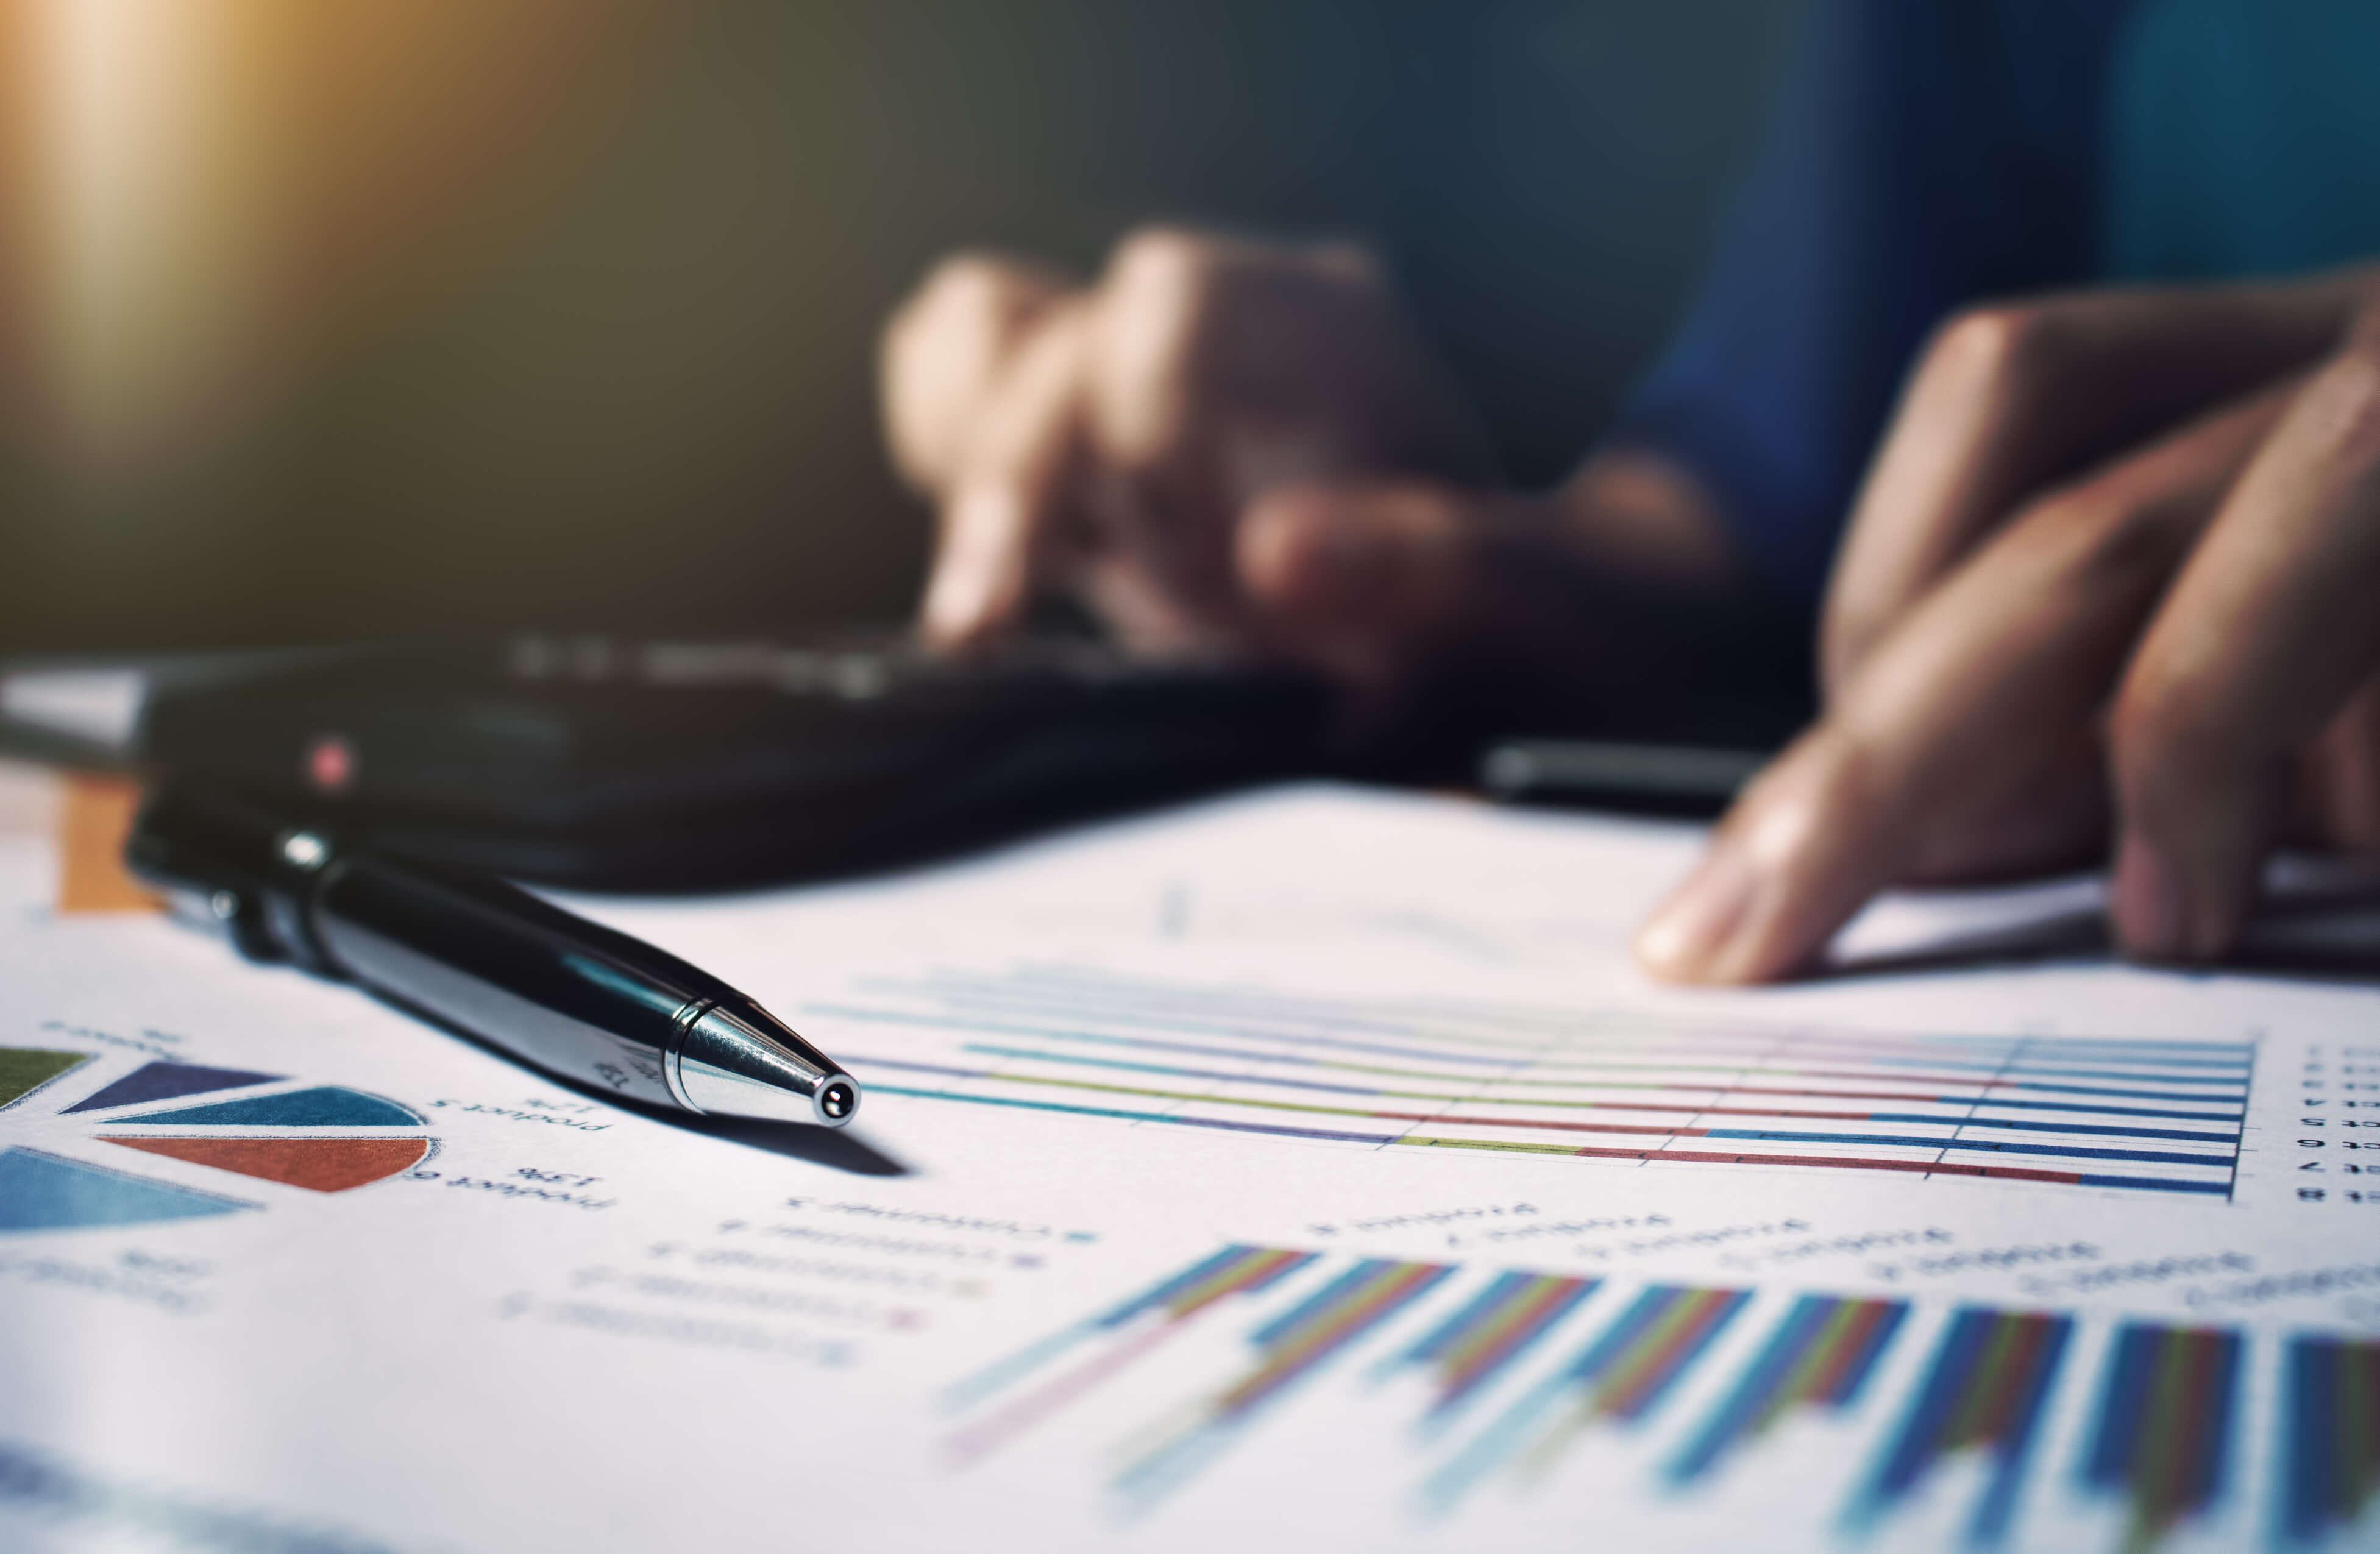 Adatszolgáltatási kötelezettség a társasági adózásban